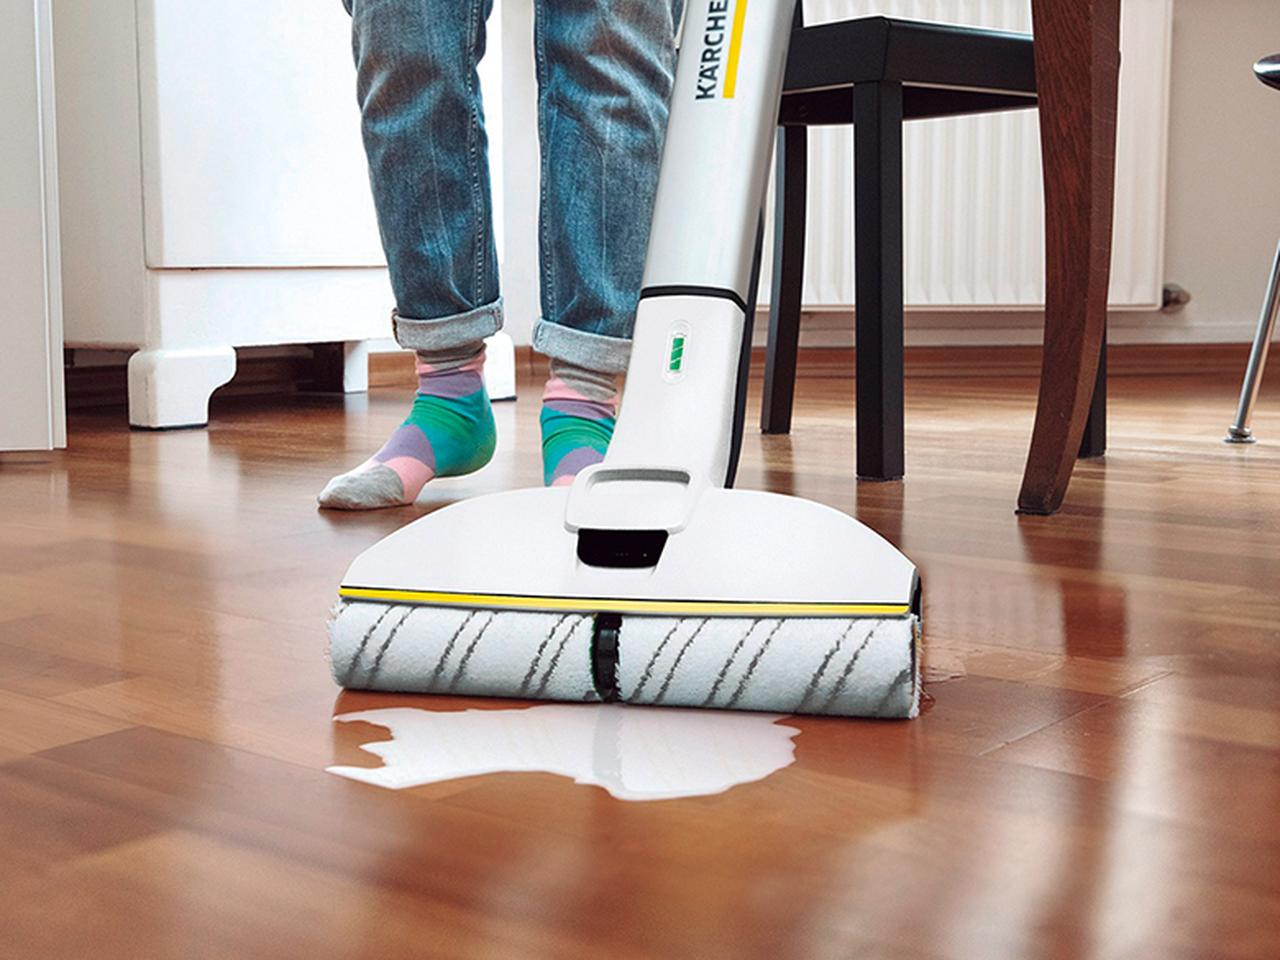 画像: マイクロファイバー製のローラーが自動回転するので、ゴシゴシとこする必要なし。スティックは左右に倒すことができ、家具下などのすき間にも潜り込める。